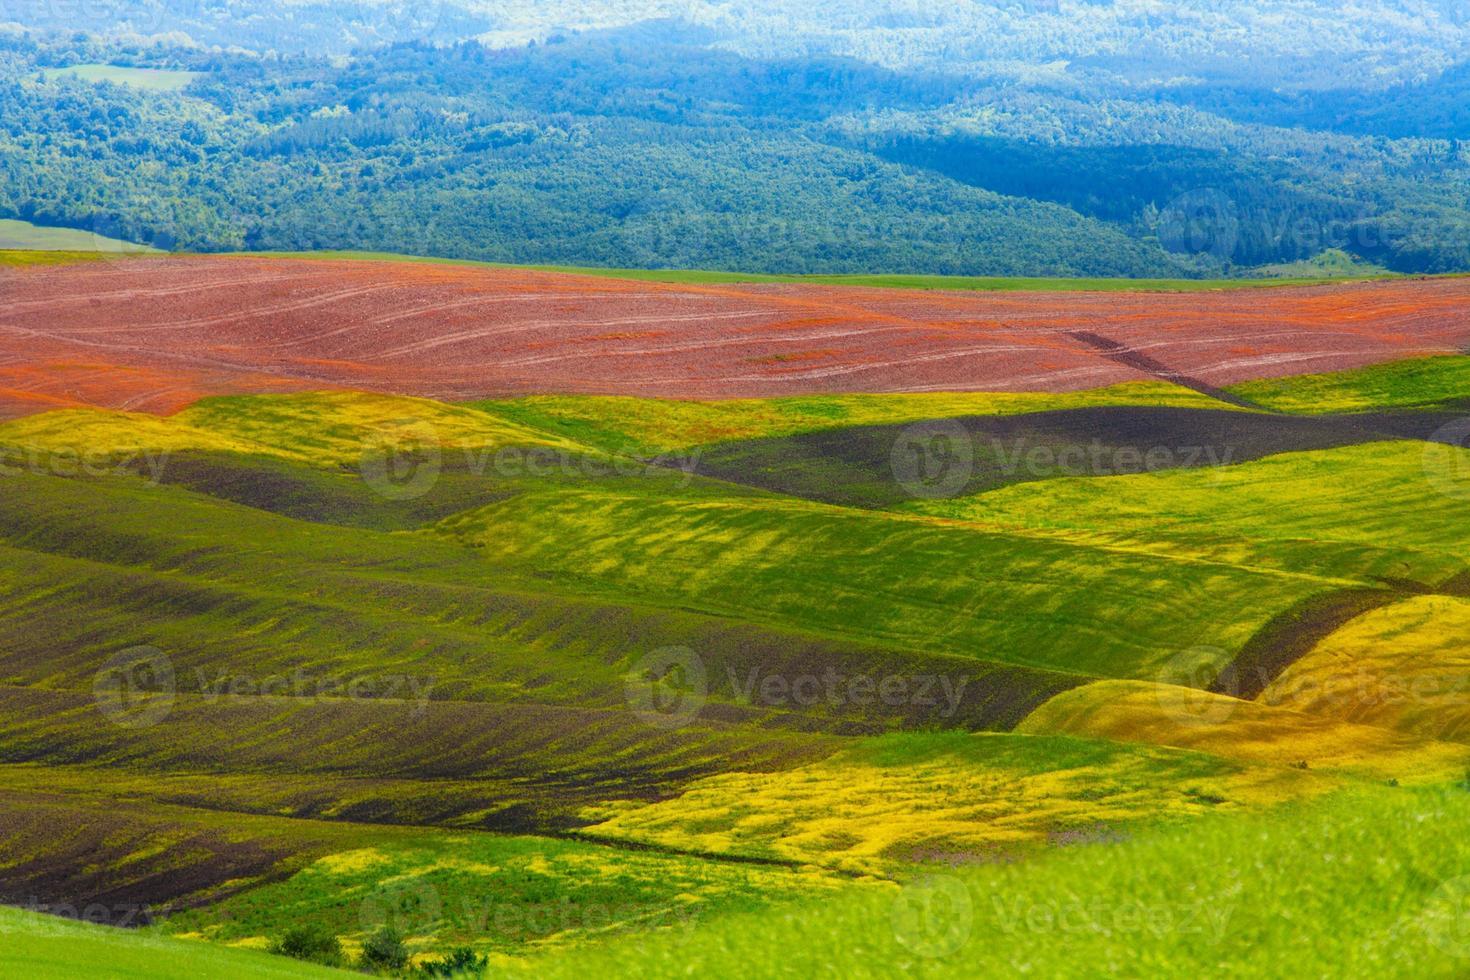 toscana agricoltura colorata colline italia foto